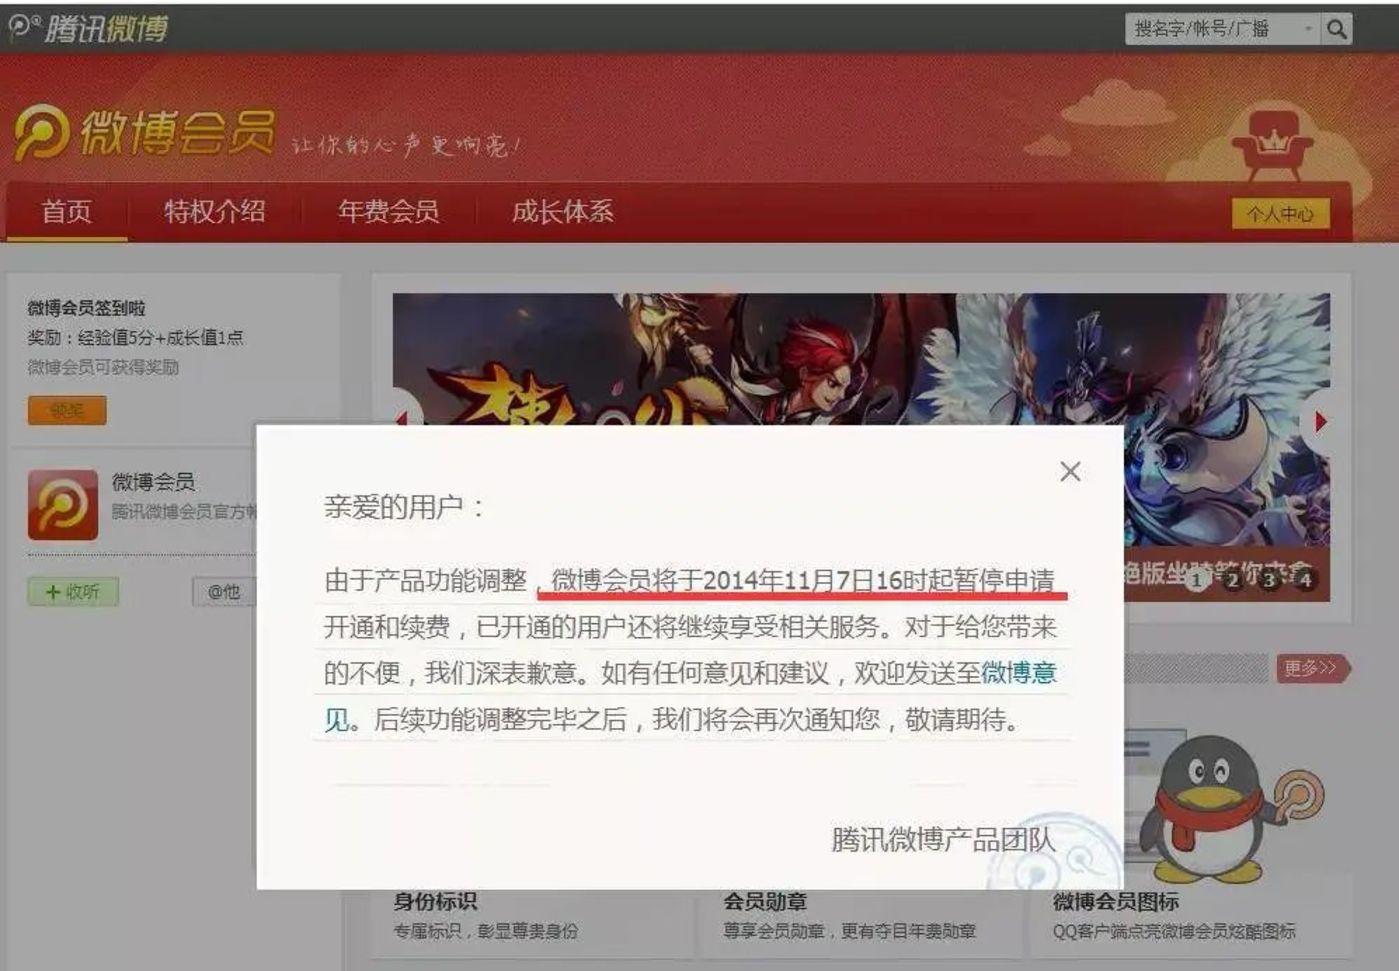 """3亿人用过的腾讯微博关停了 势也!肉搏战""""中巨头面临的无奈"""